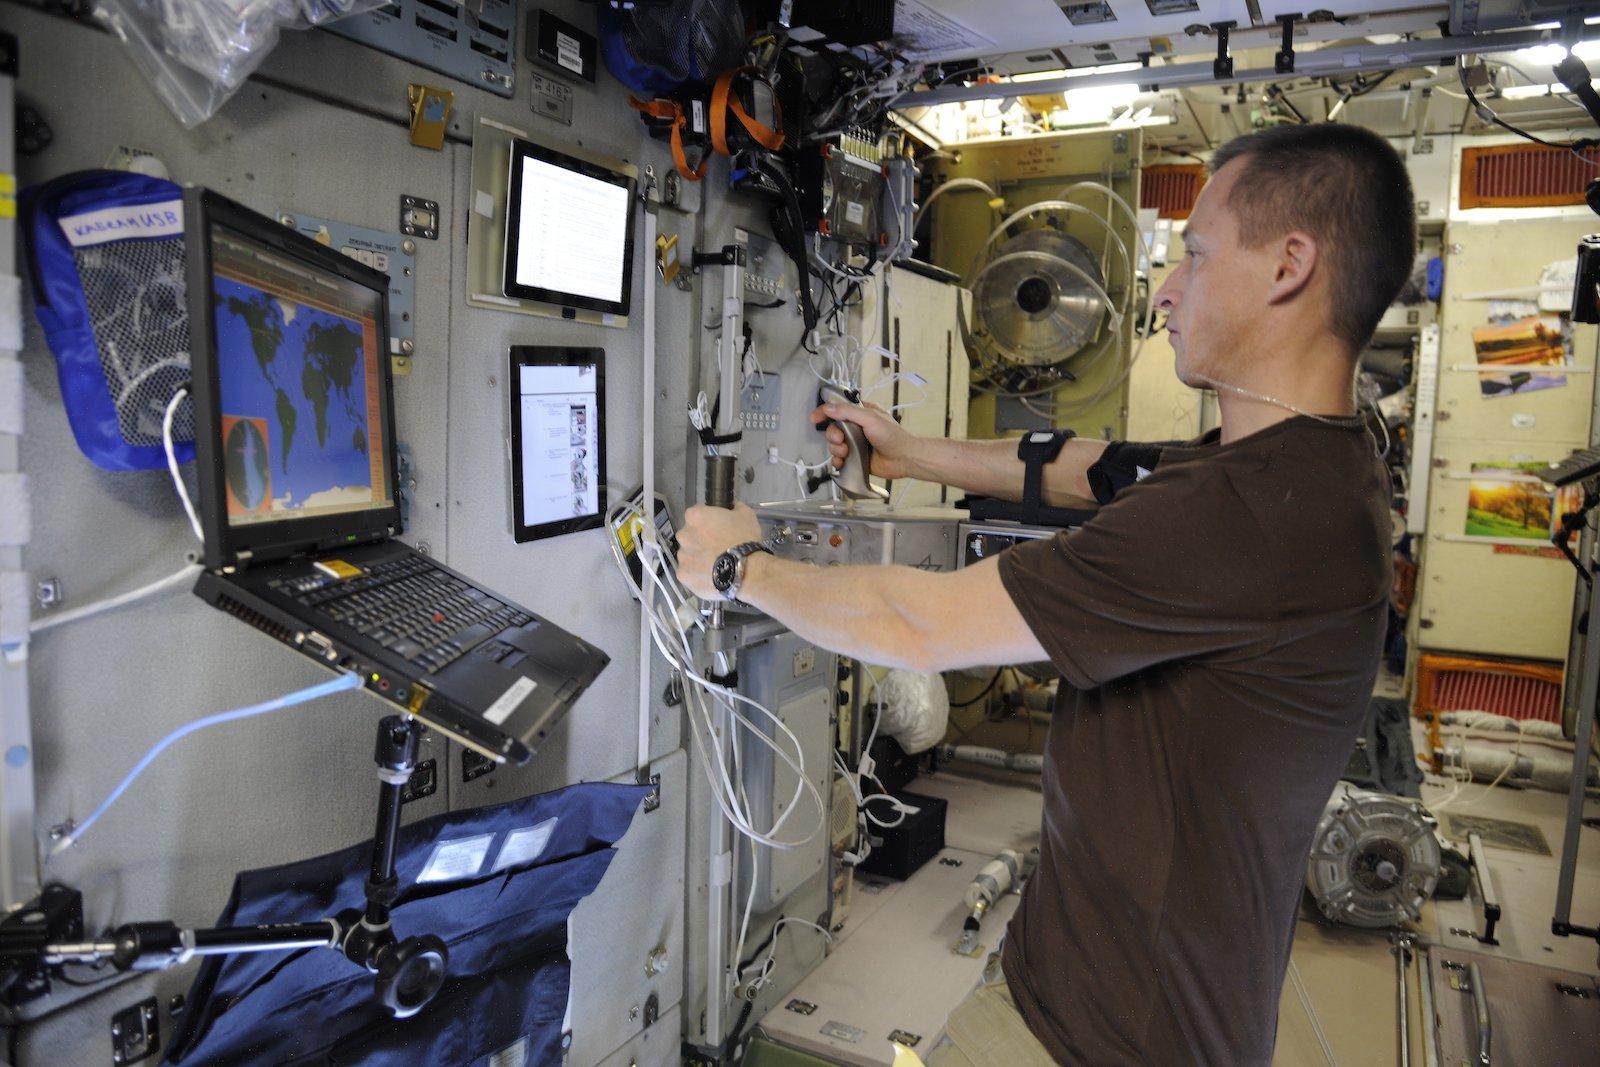 Kosmonaut Sergei Ryschikow kann dank Telepräsenz-Technologie robotische Systeme steuern, als wäre er selbst vor Ort.